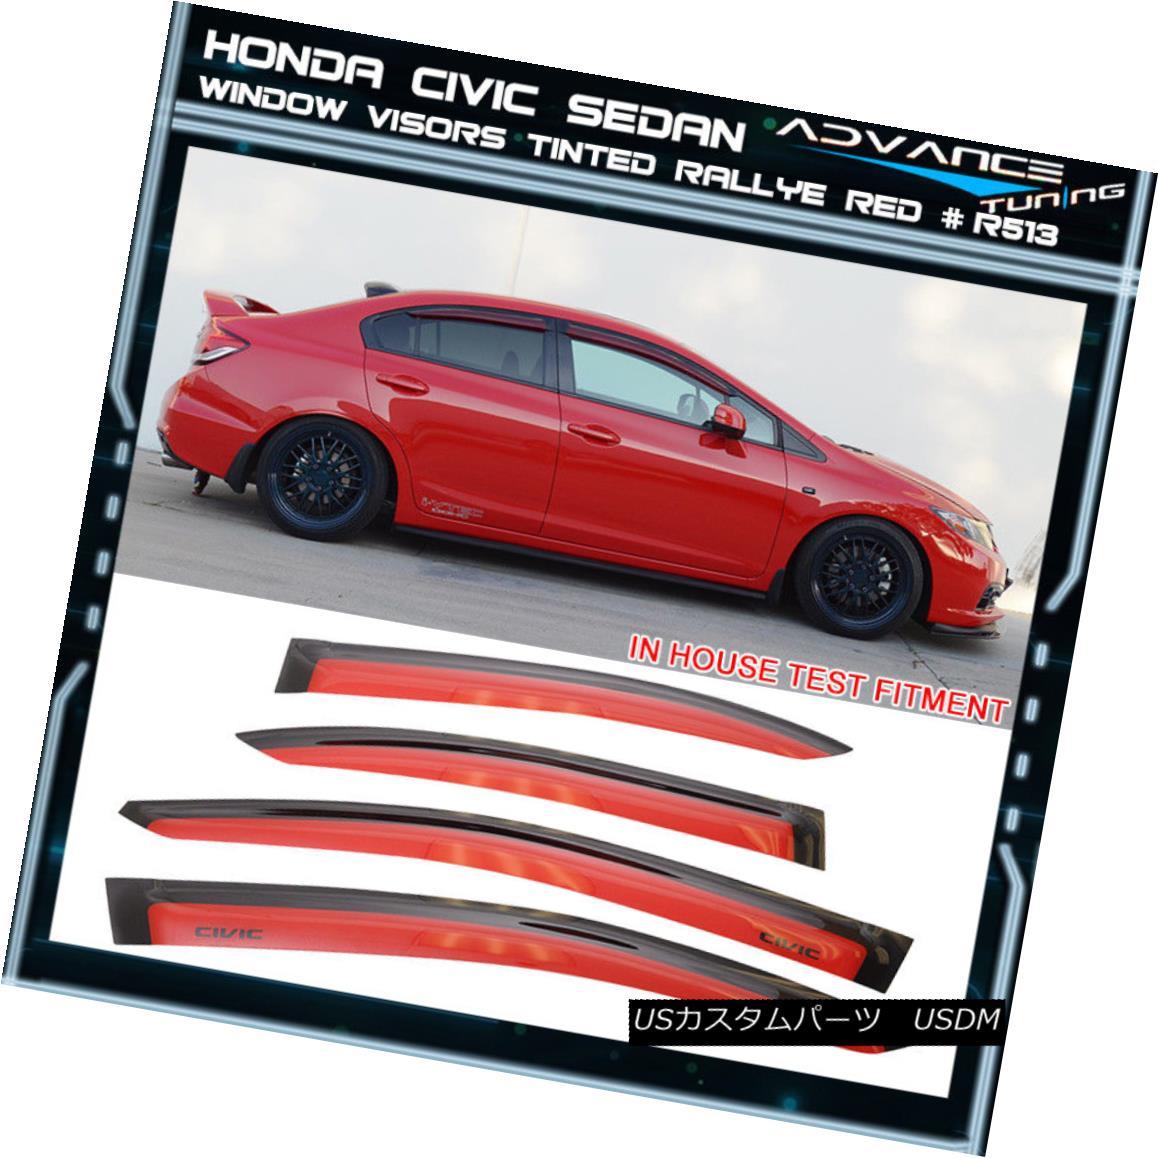 Fits 2001-2005 Honda Civic 2 Door Painted OE Sty Spoiler Wing Rallye Red R513